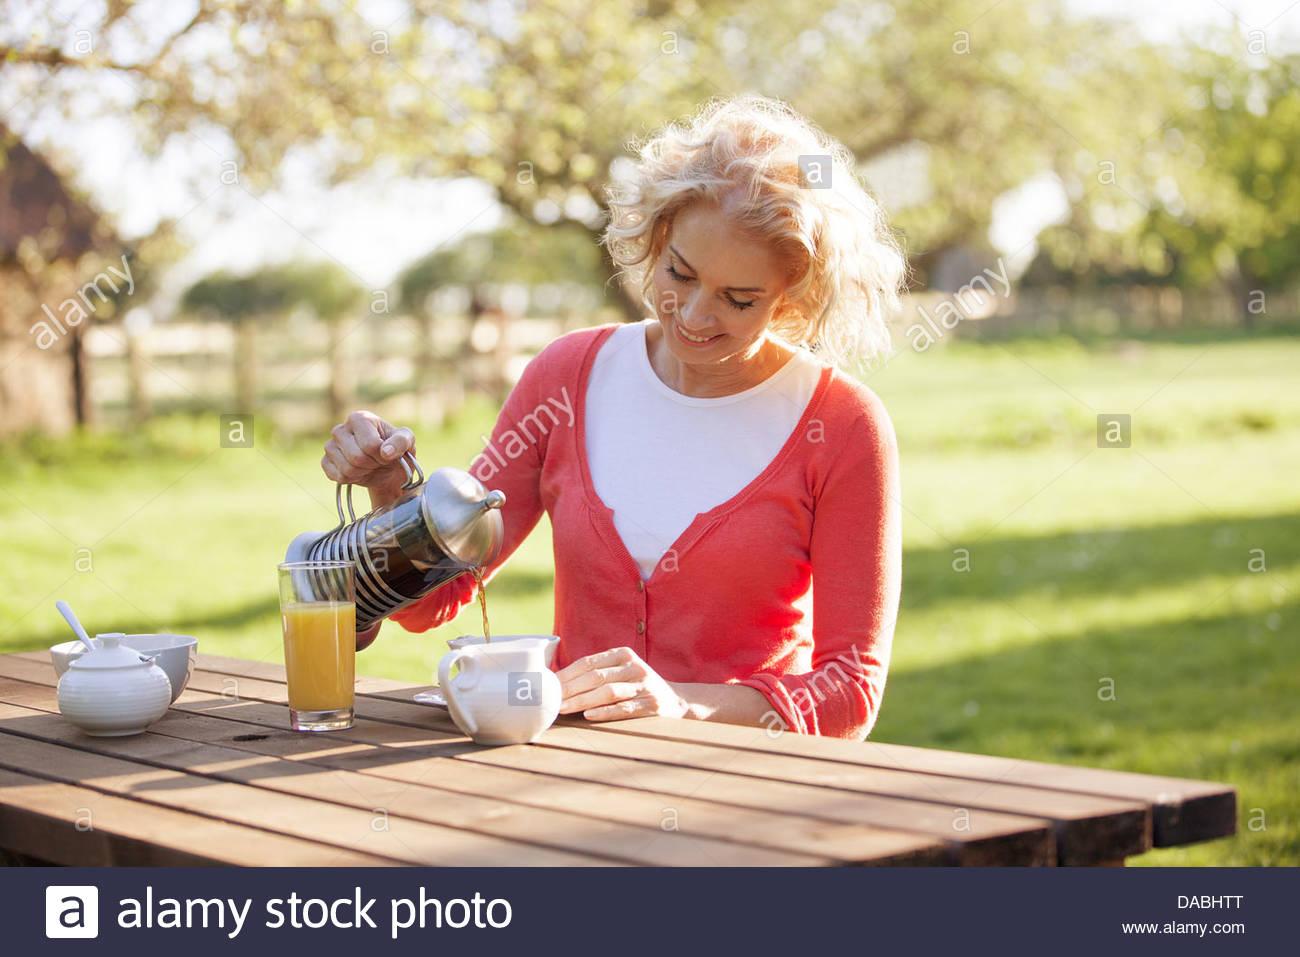 Eine reife Frau sitzen auf einer Gartenbank Kaffee gießen Stockbild